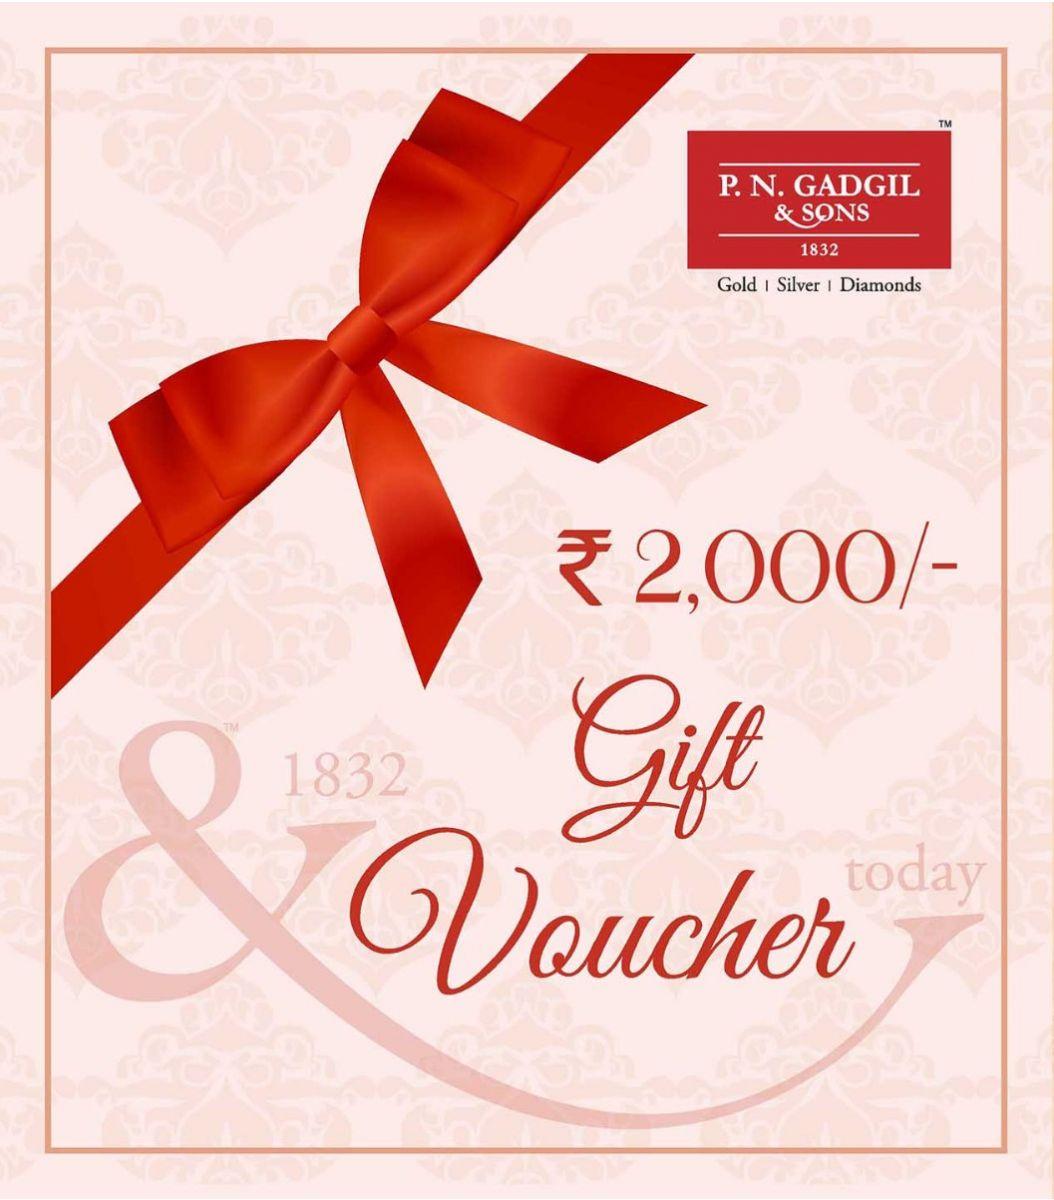 Gift Voucher ₹2000